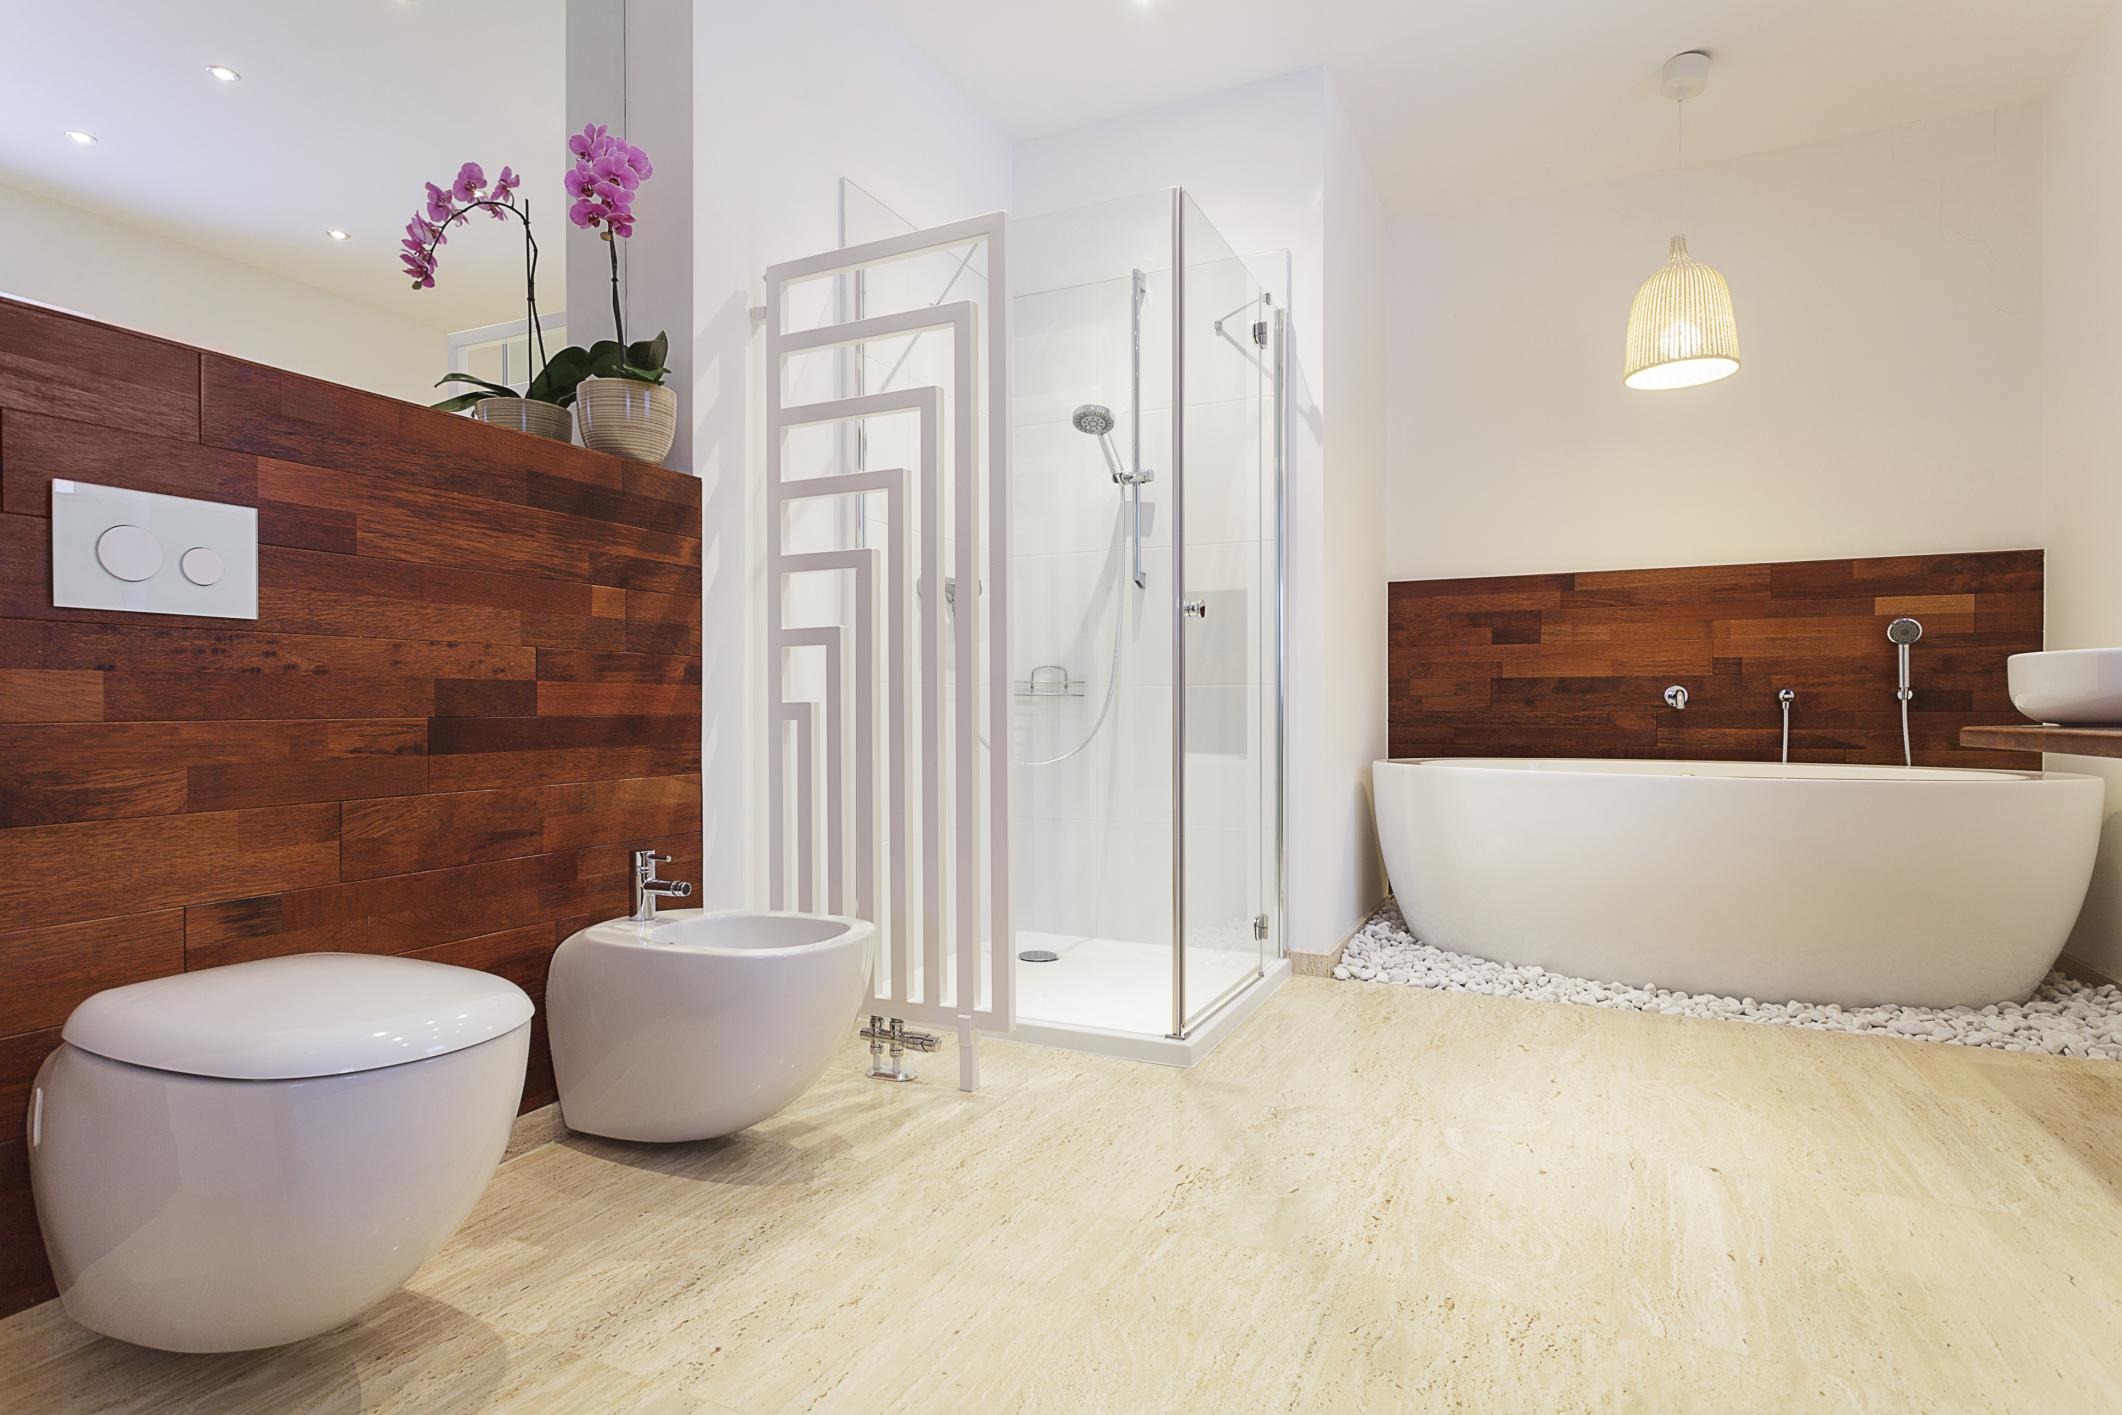 Helles Badezimmer ohne Fenster → So beleuchten Sie es richtig